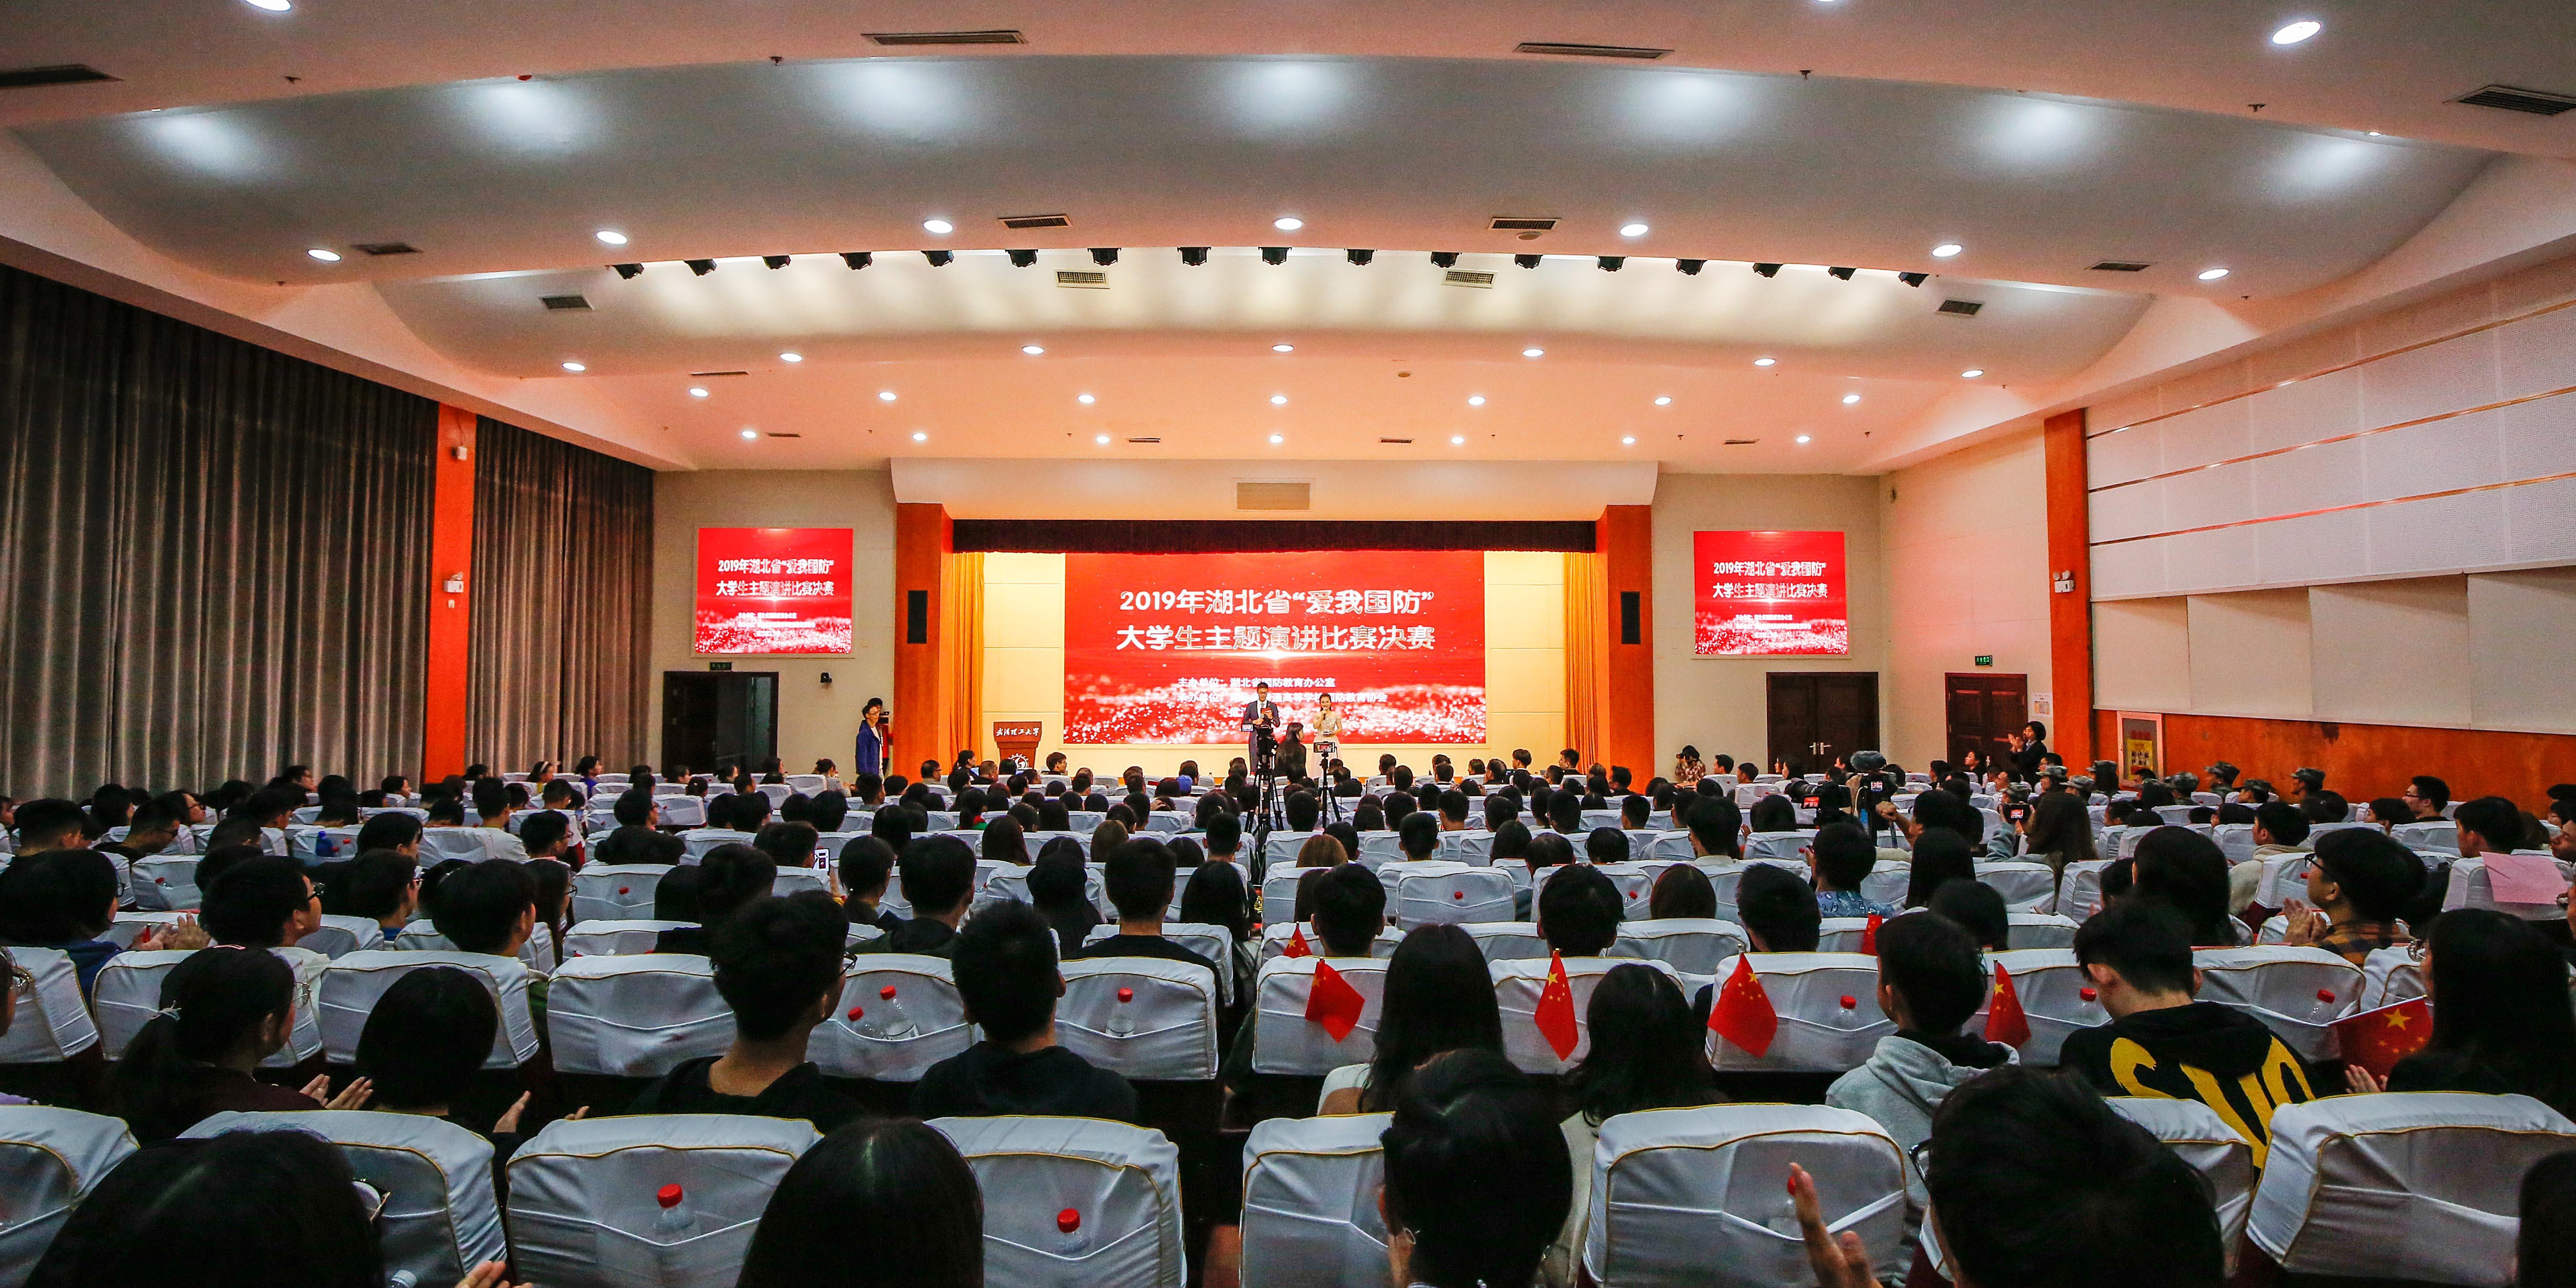 """【图集】湖北省""""我爱国防""""大学生主题演讲比赛决赛"""